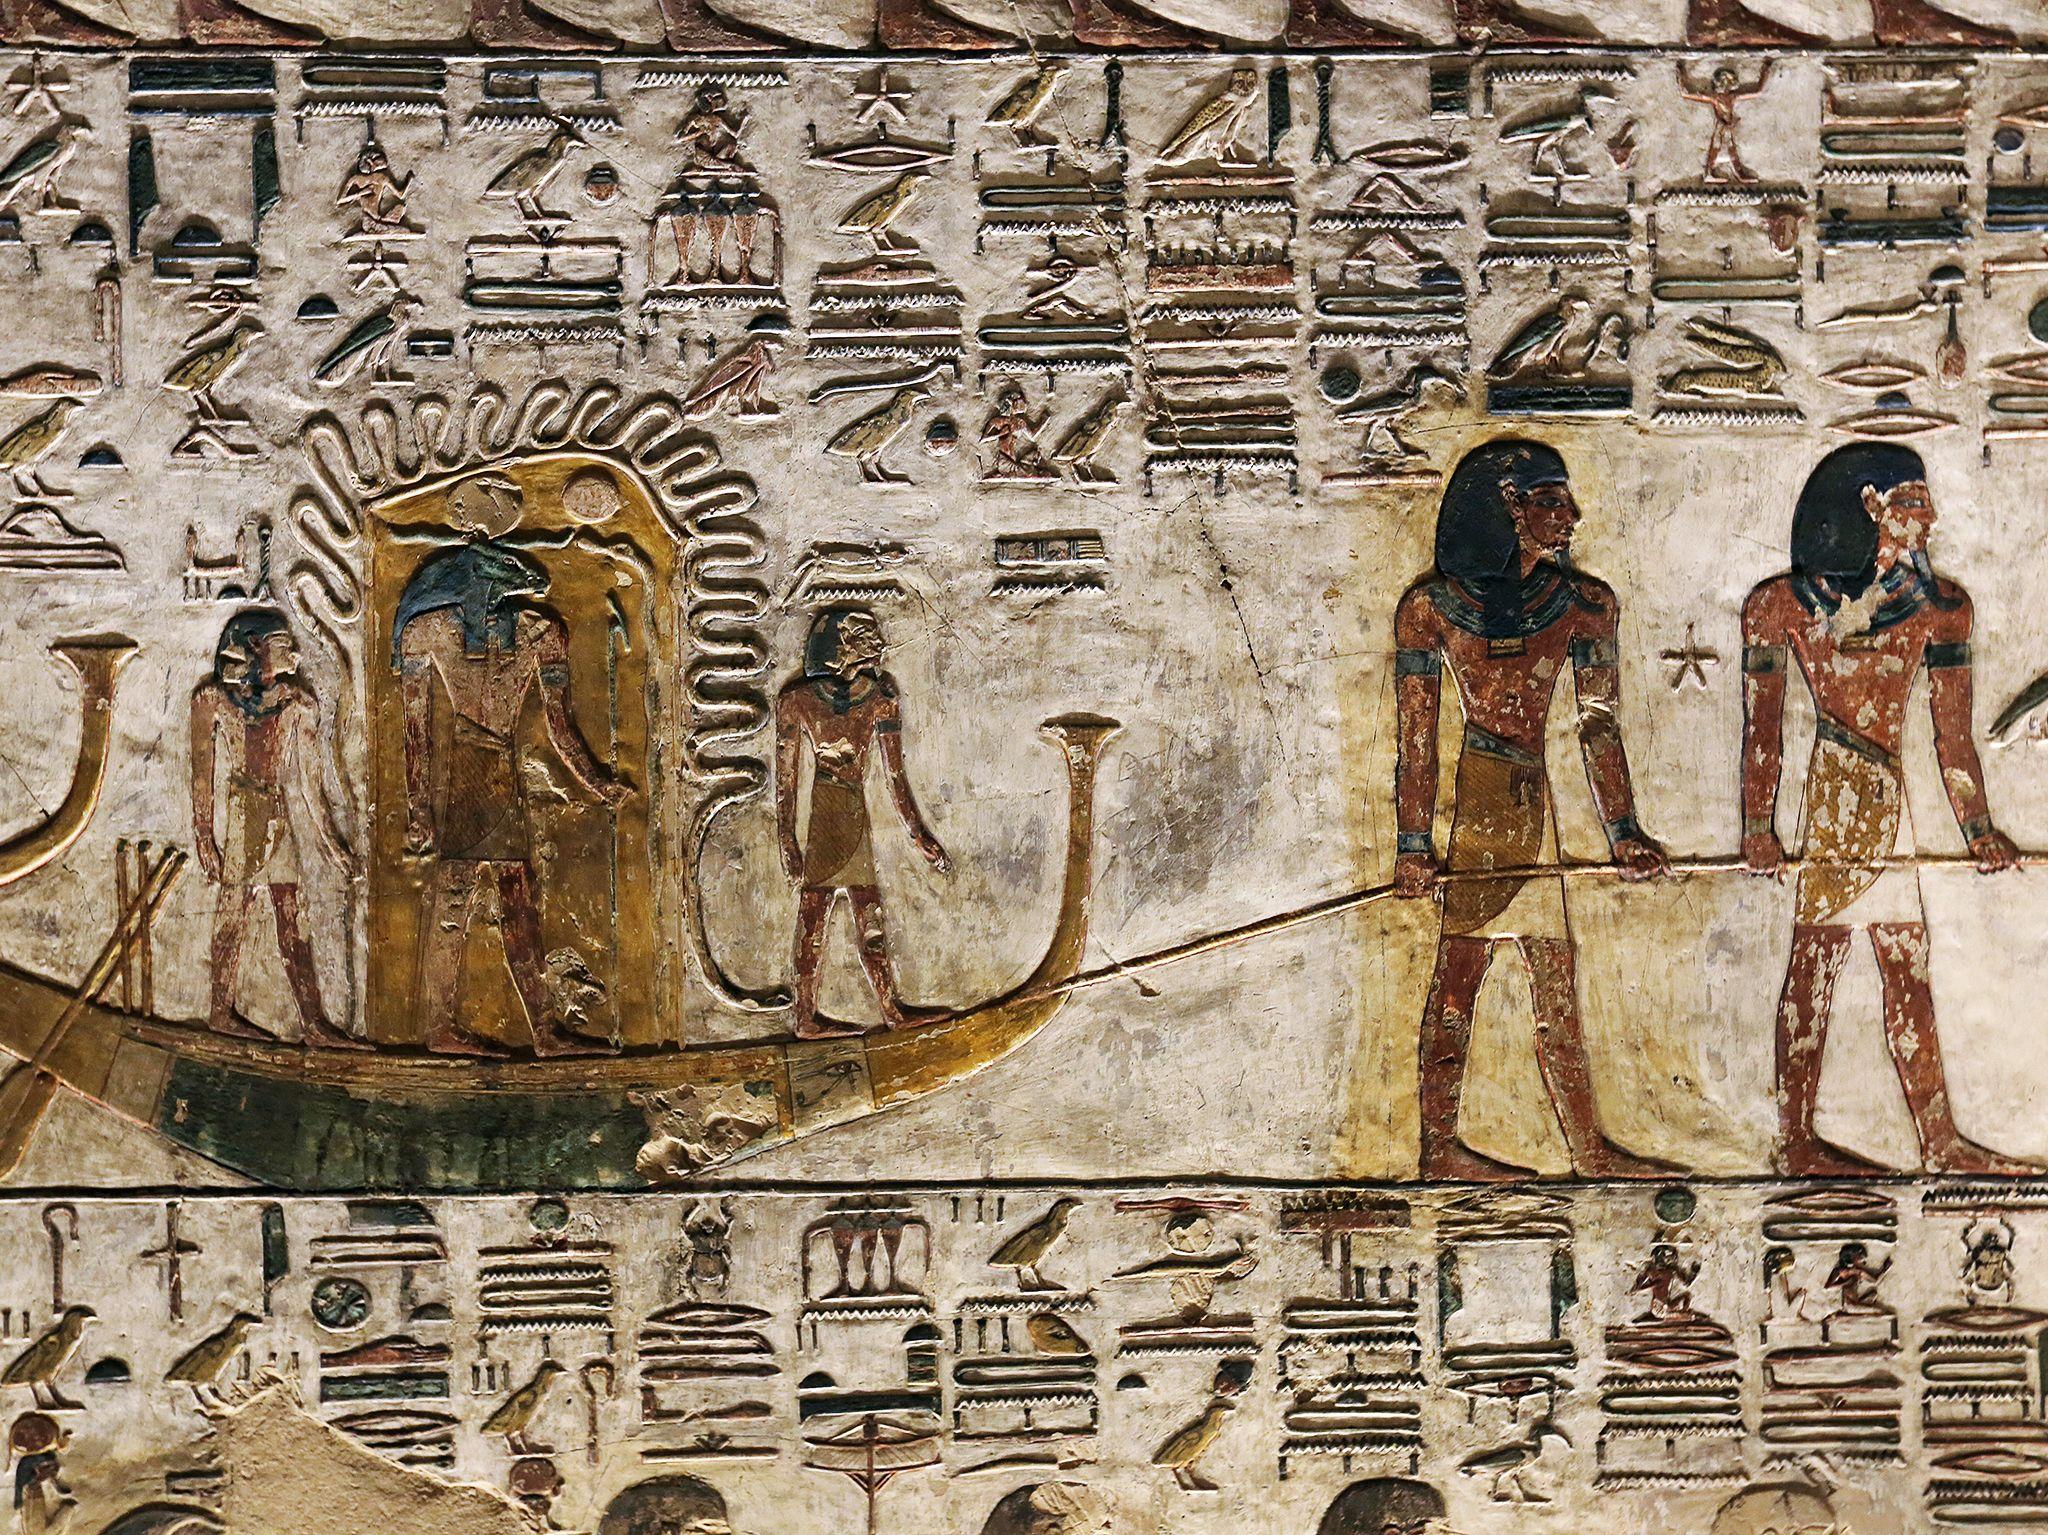 اقصر، مصر: جزییات مقبره. | عکسی از برنامهی گنجهای... [Photo of the day - مارس 2019]